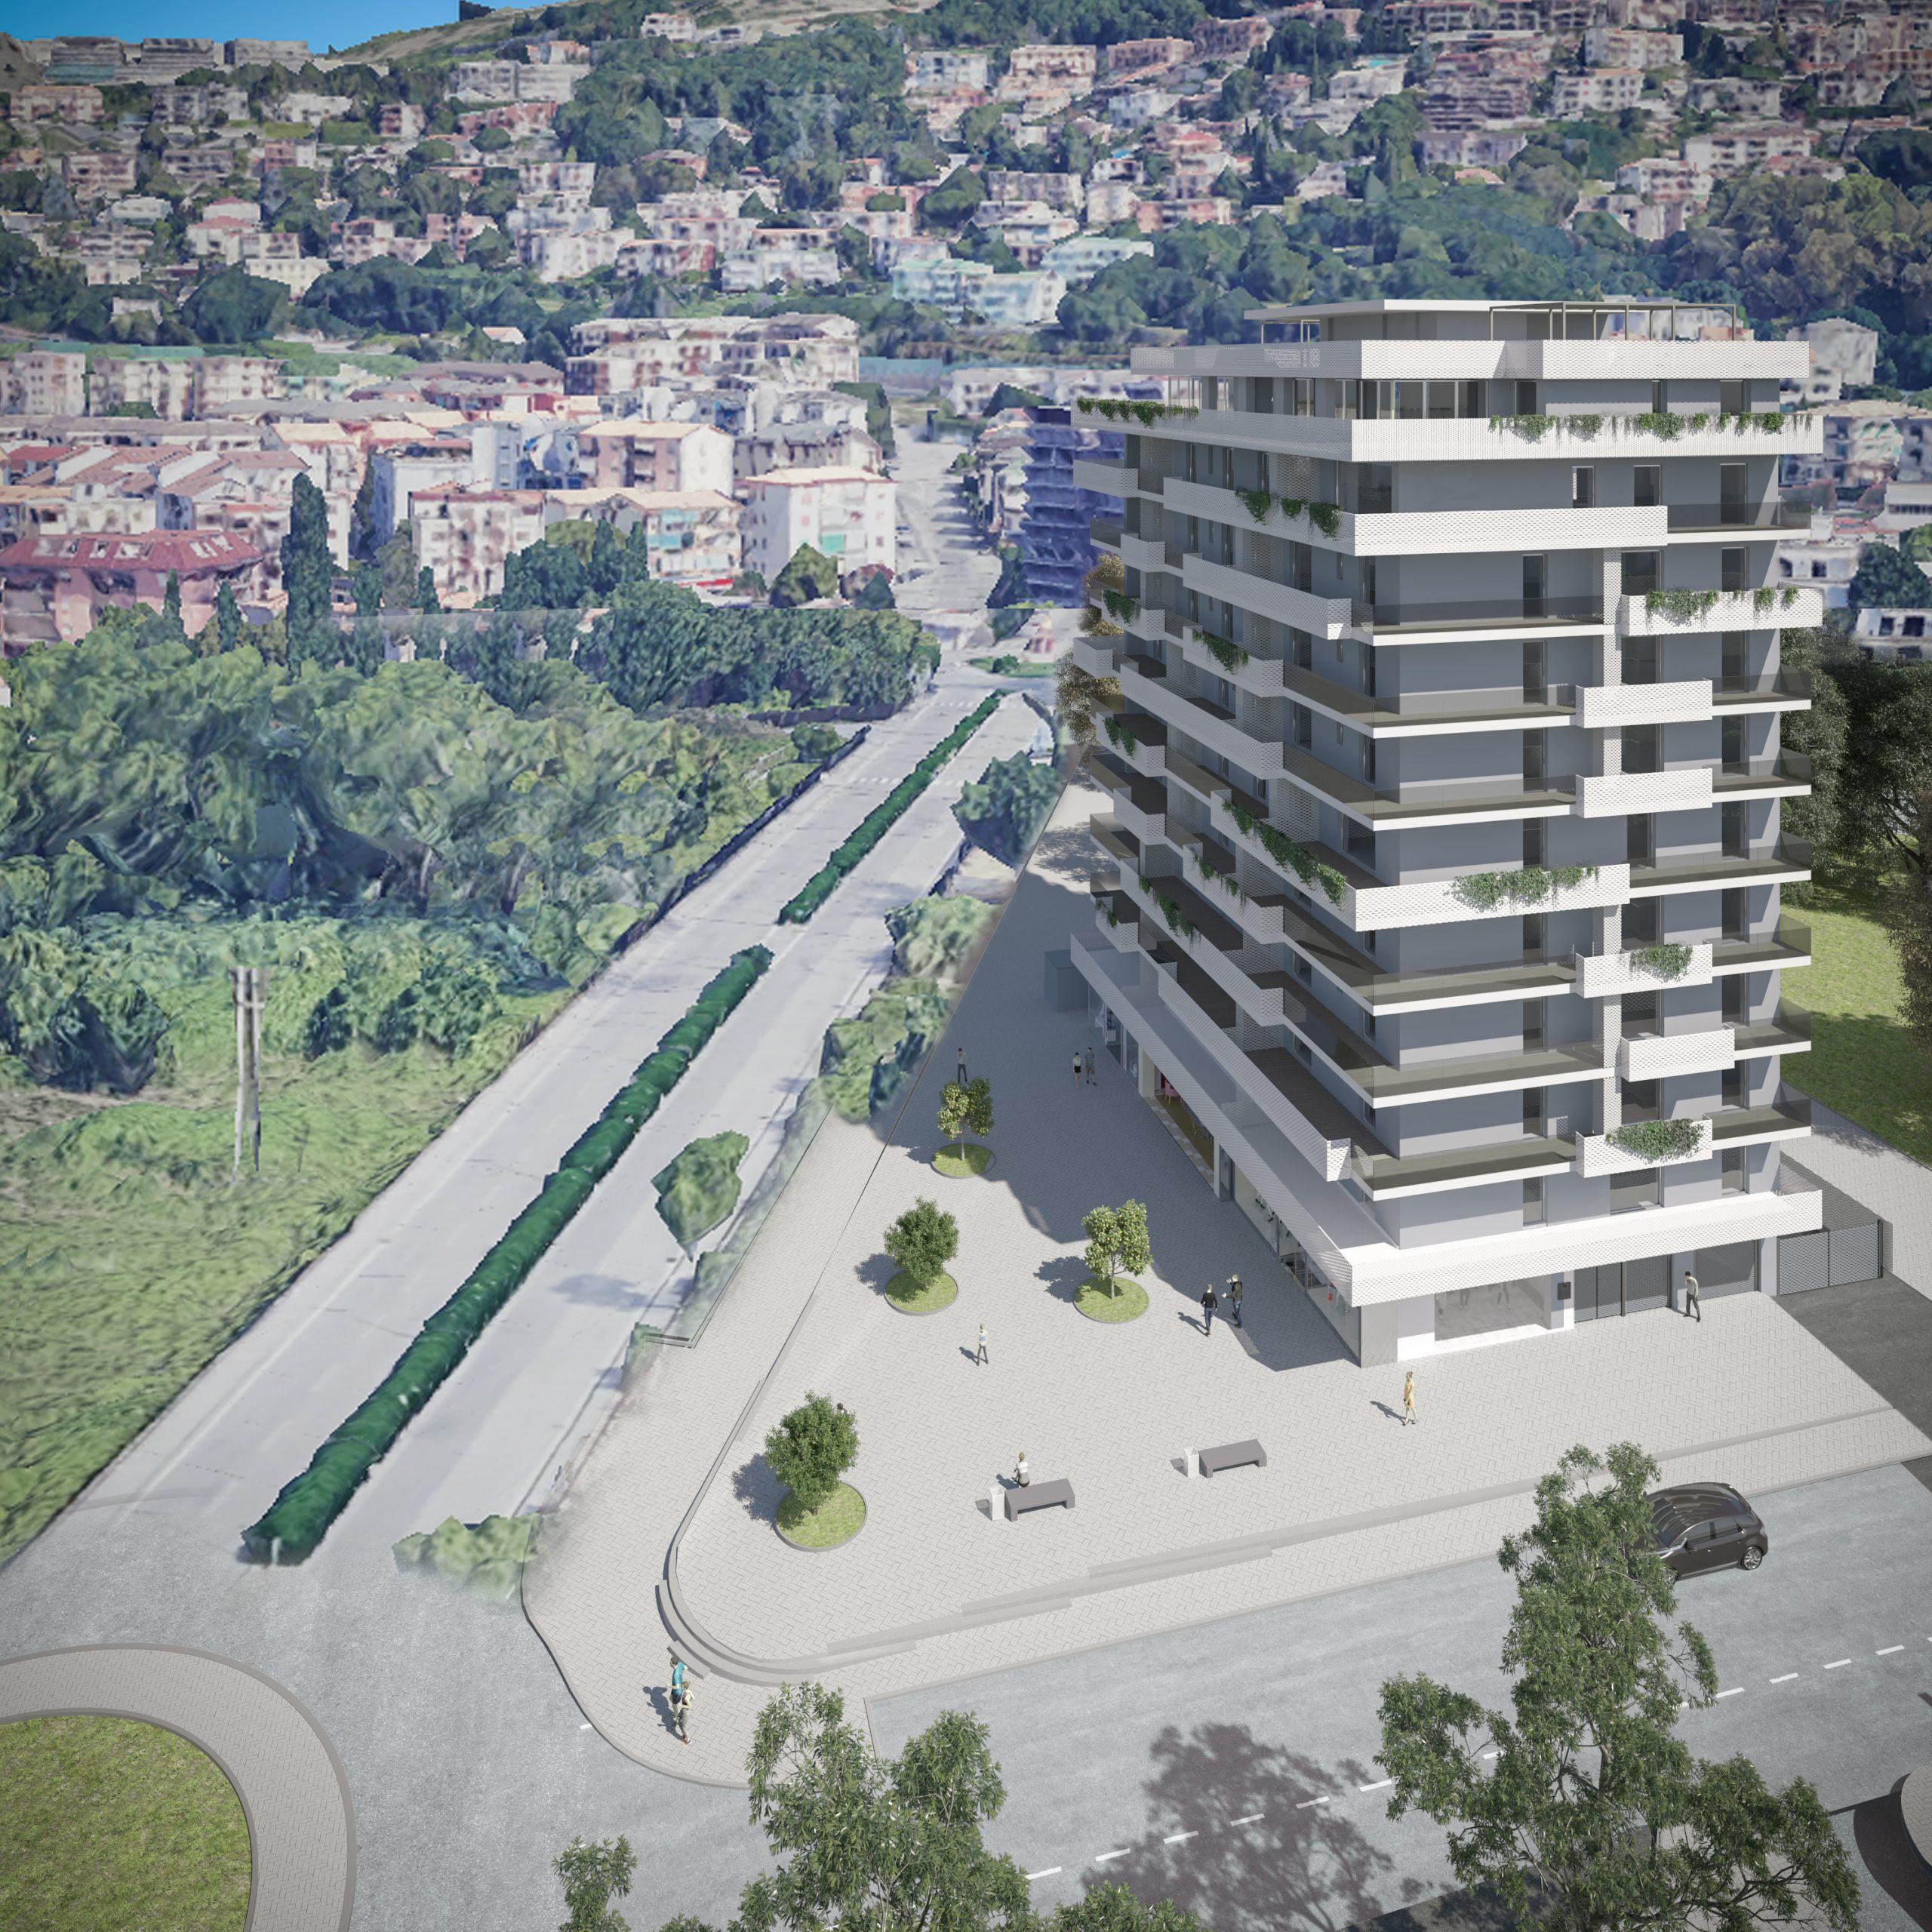 milara-srl-gruppo-postiglione-societa-di-costruzioni-e-vendita-appartamenti-immobili-residenziali-commerciali-cr53-f4-torre-nuova-torrione-vista-02-tt-piazza